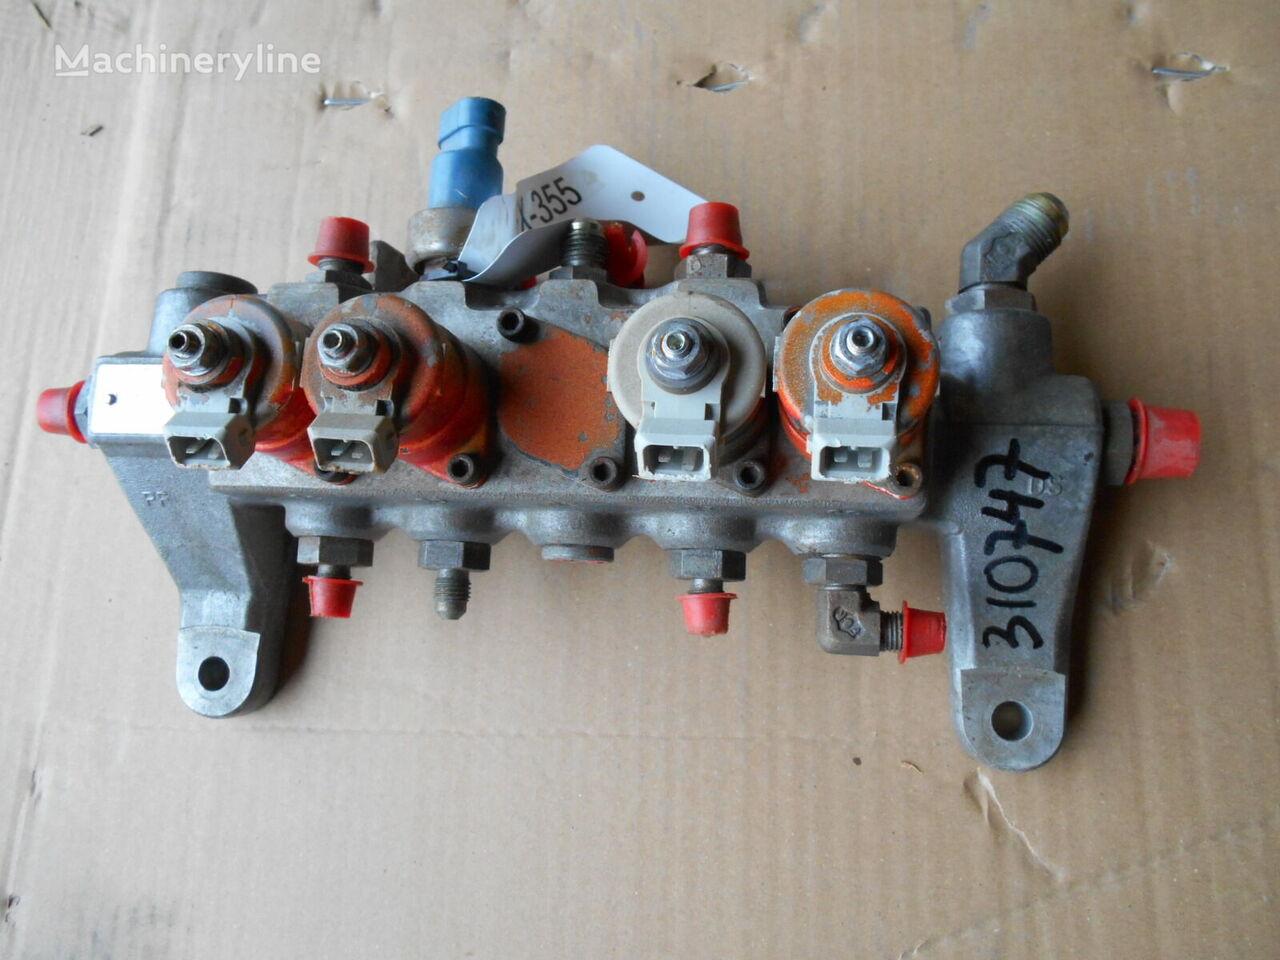 Zexel 307414-0130 spare parts for HITACHI EX355 excavator